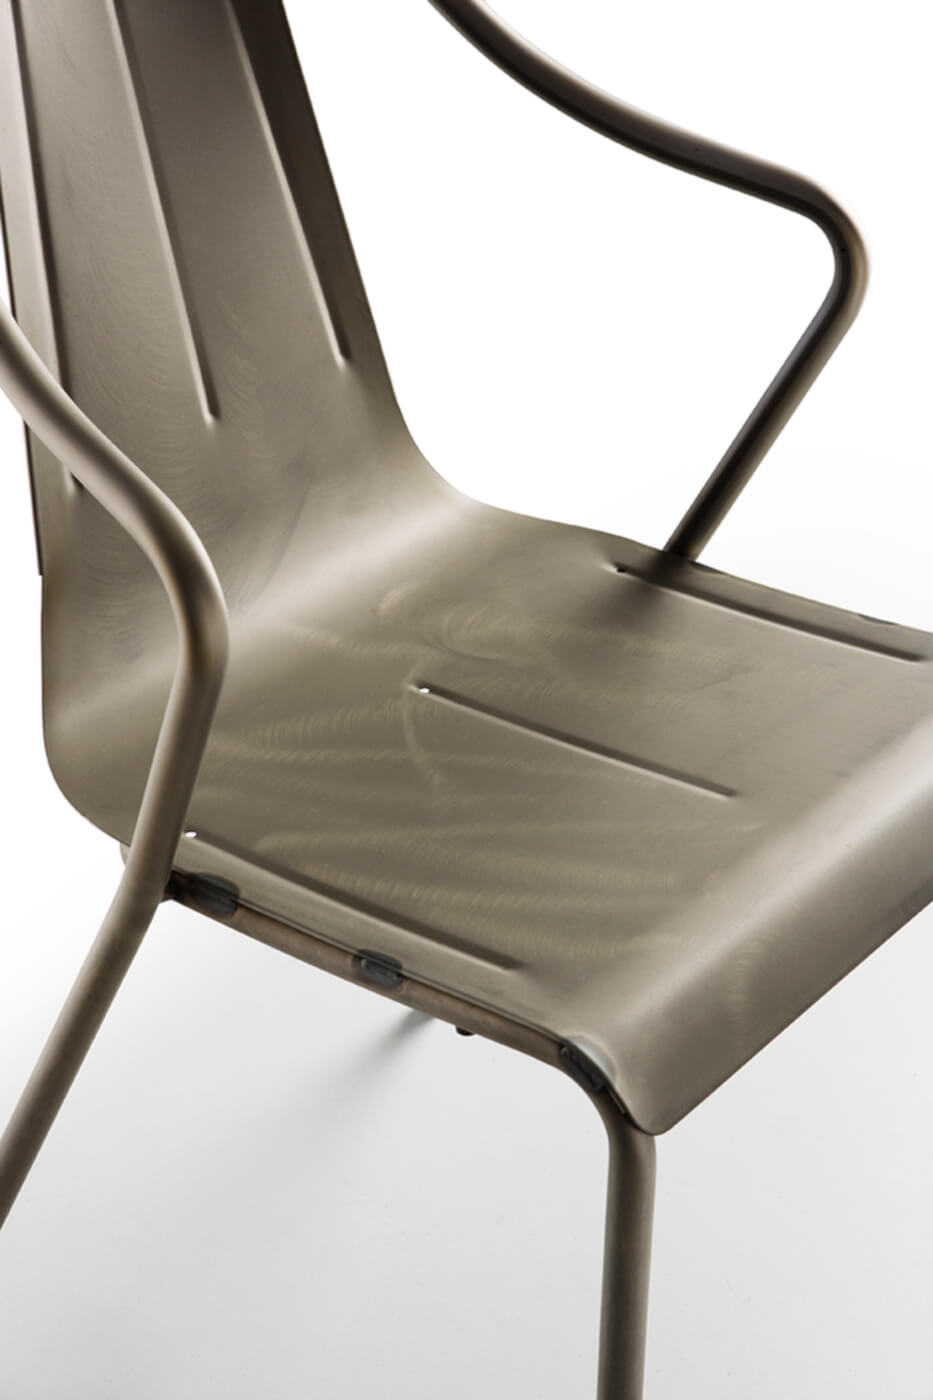 Detail of Ola armchair in industrial steel effect